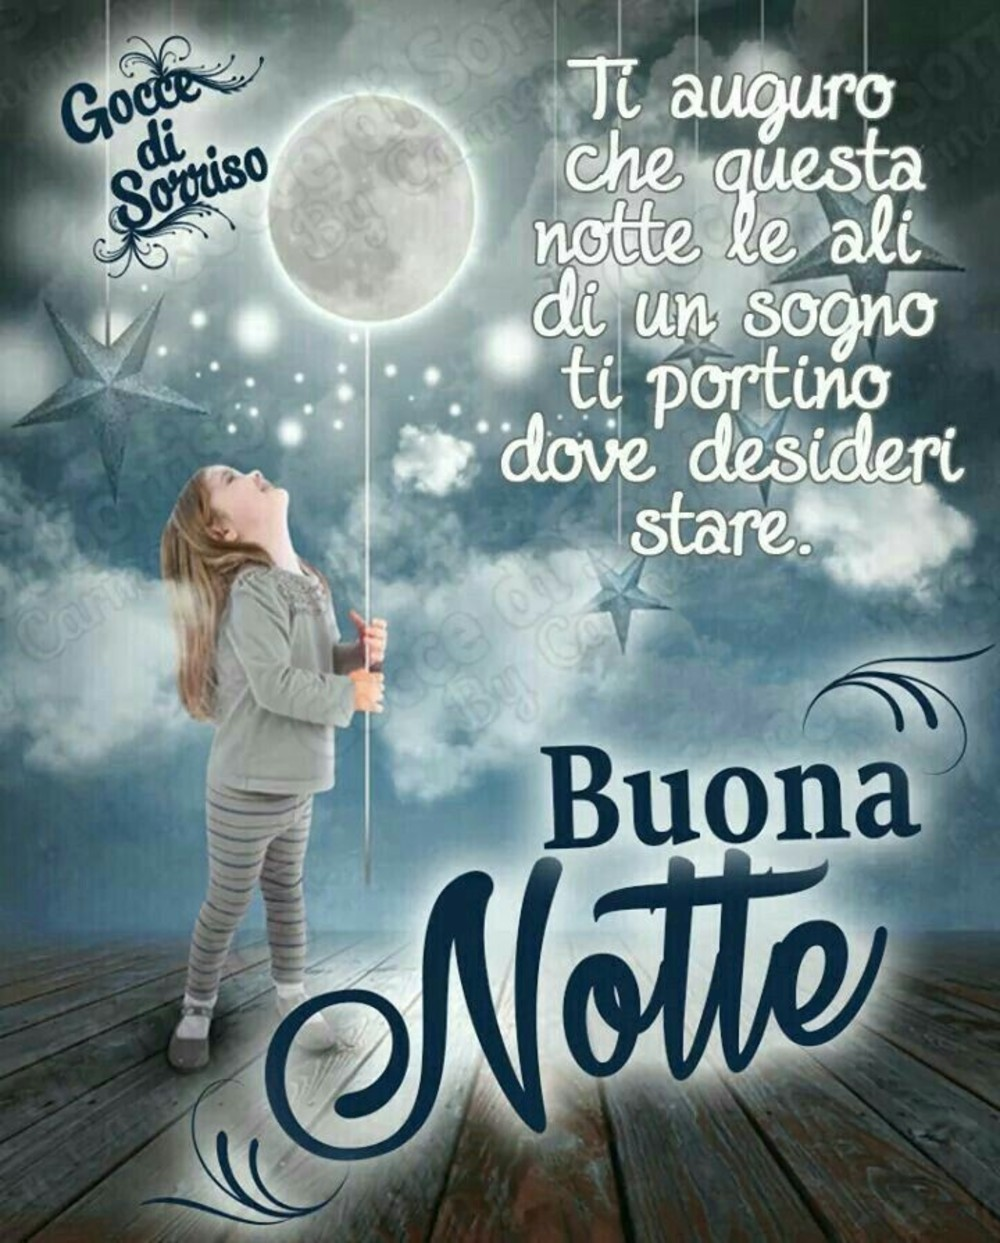 Buonanotte Immagini Belle E Nuove 2 Archives